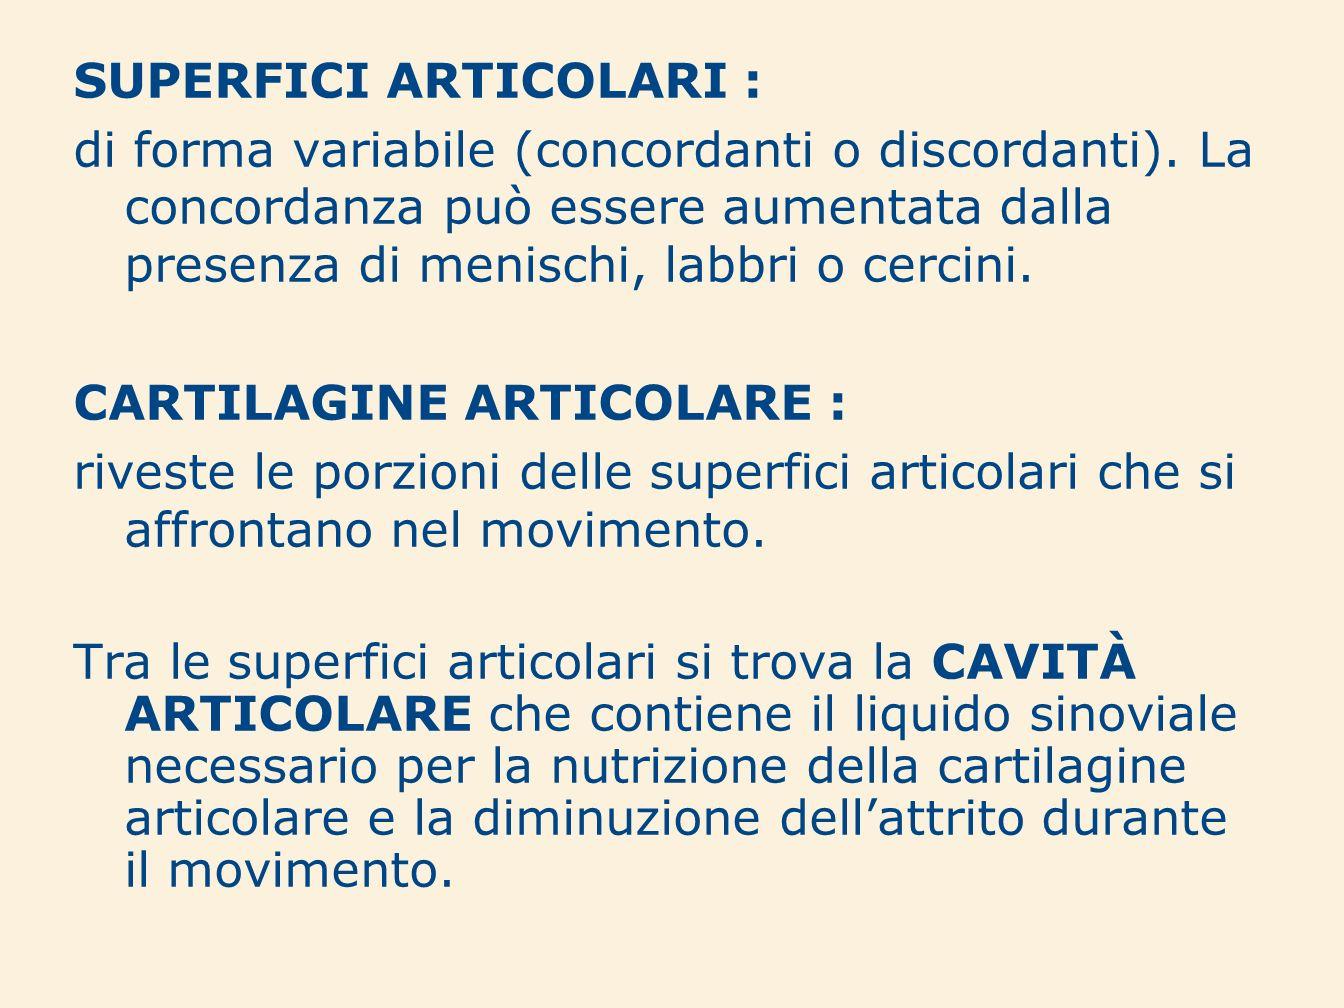 SUPERFICI ARTICOLARI : di forma variabile (concordanti o discordanti). La concordanza può essere aumentata dalla presenza di menischi, labbri o cercin